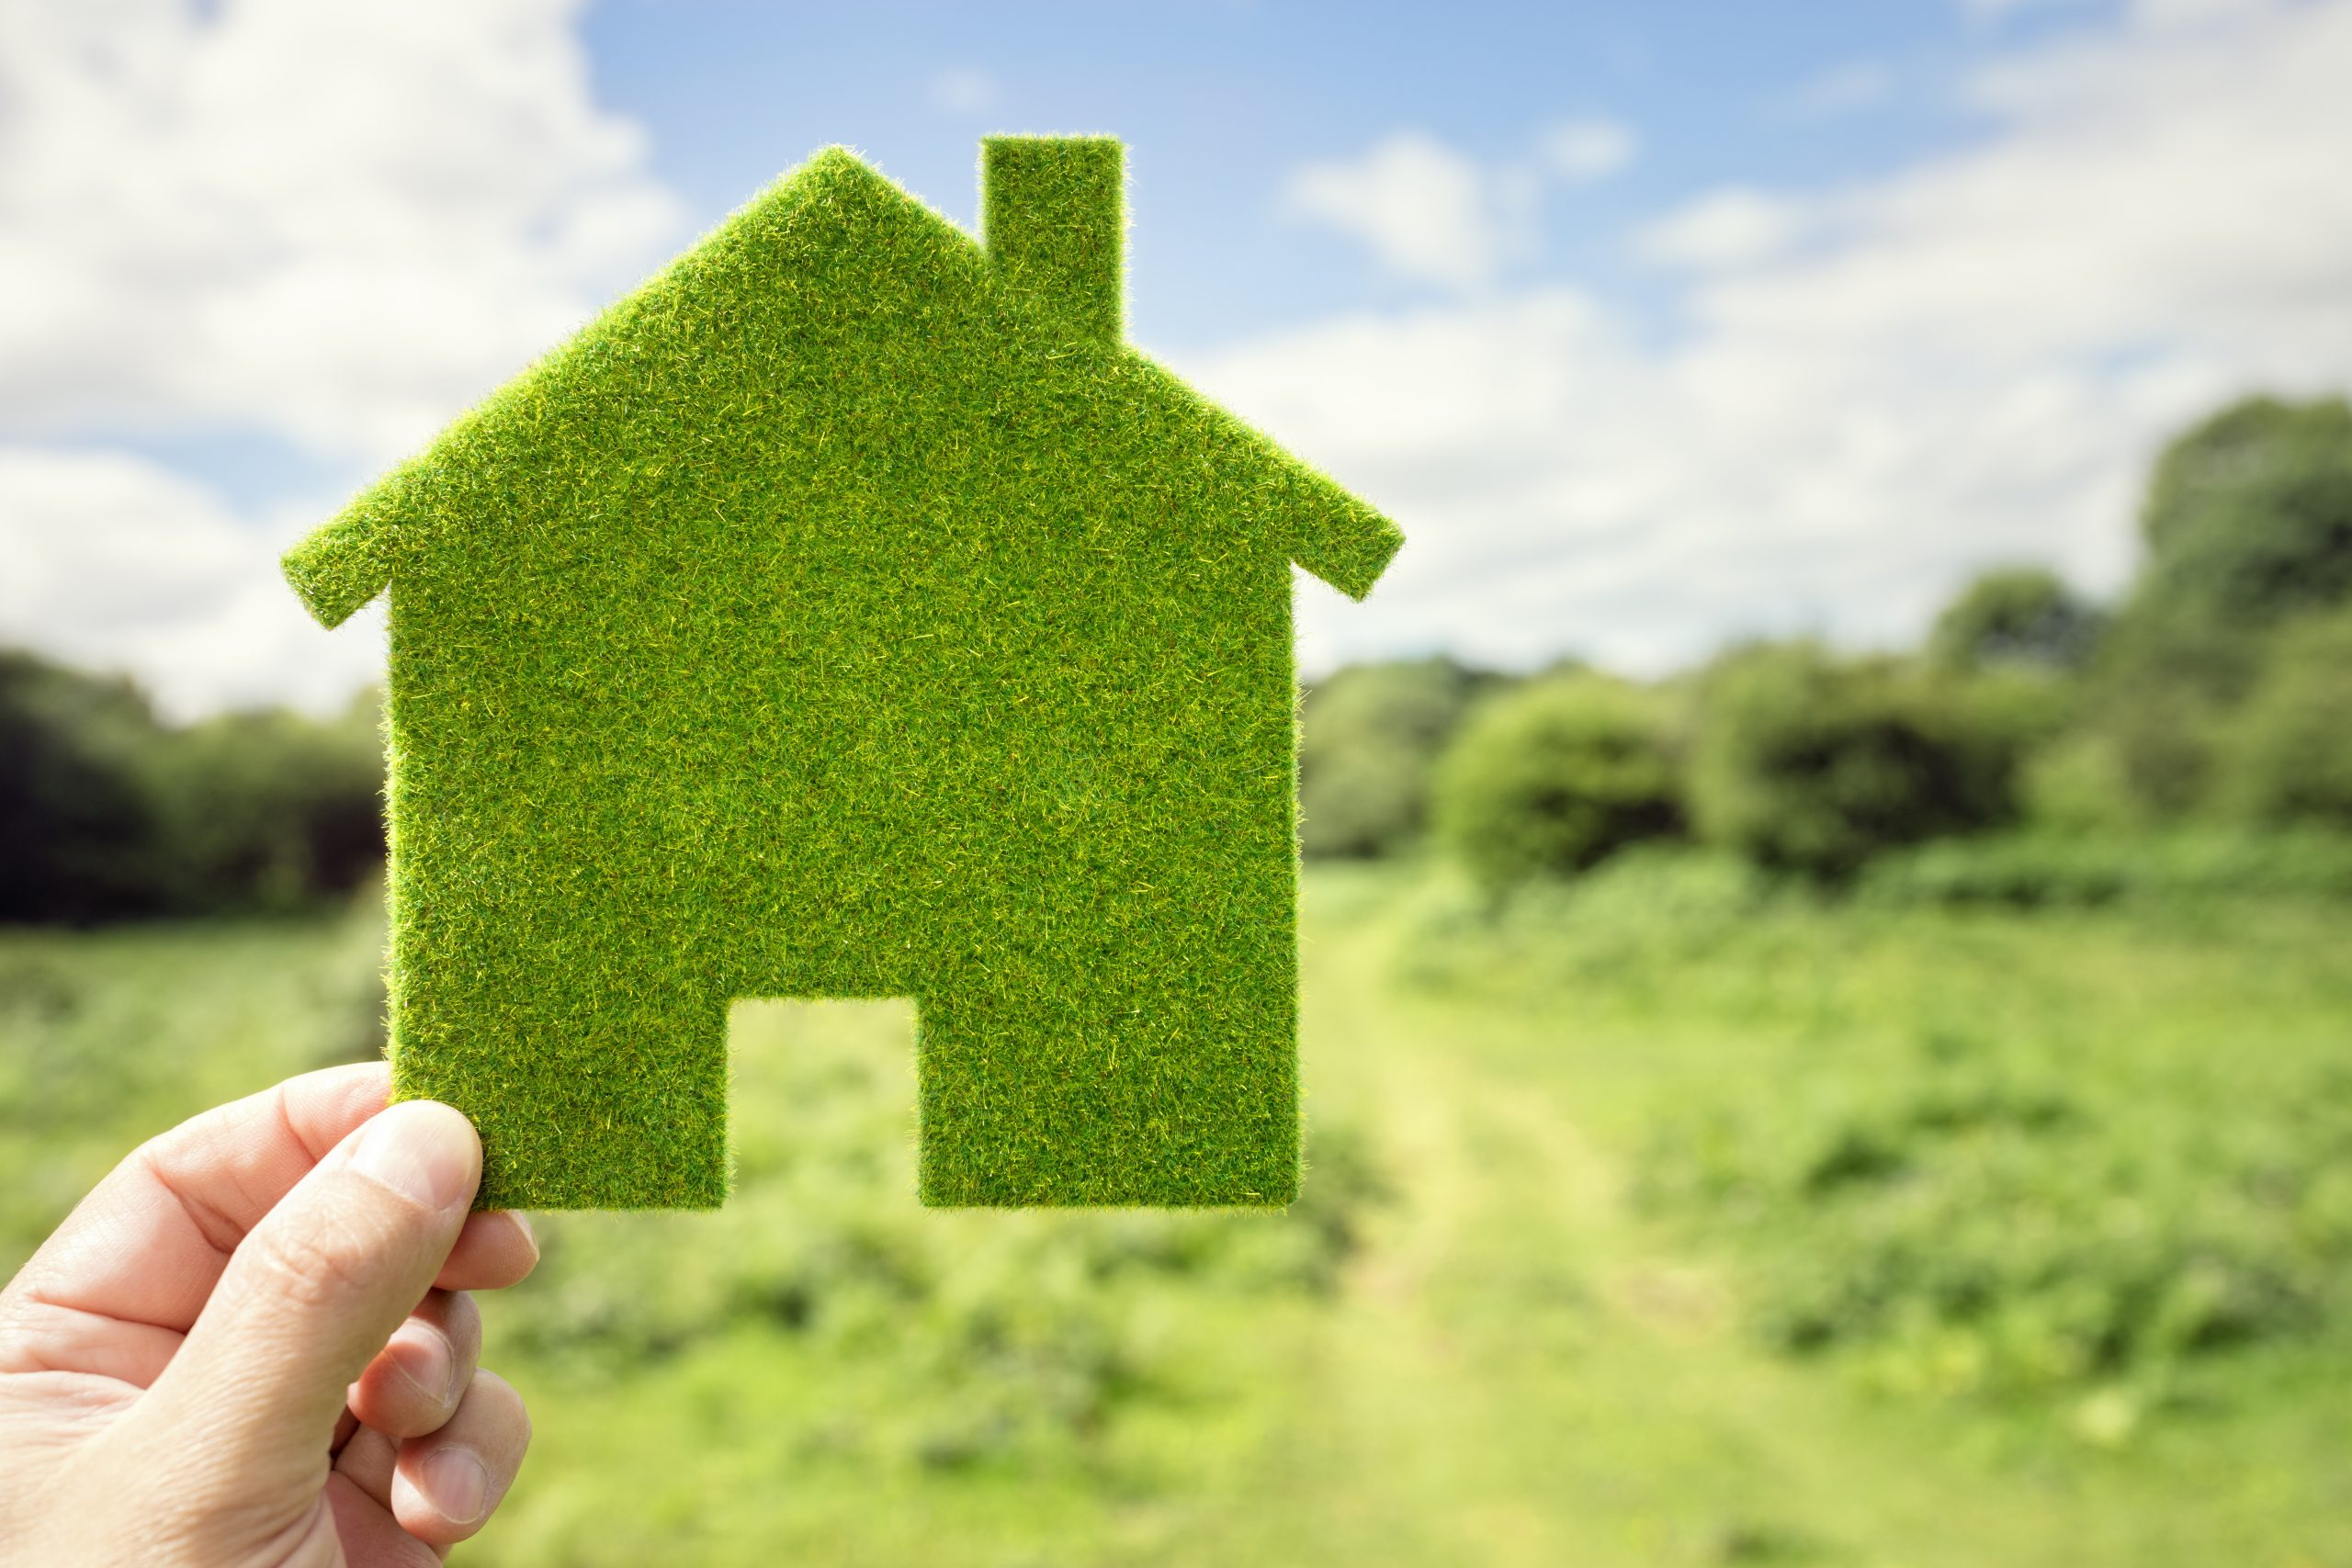 wat betekent energielabel?